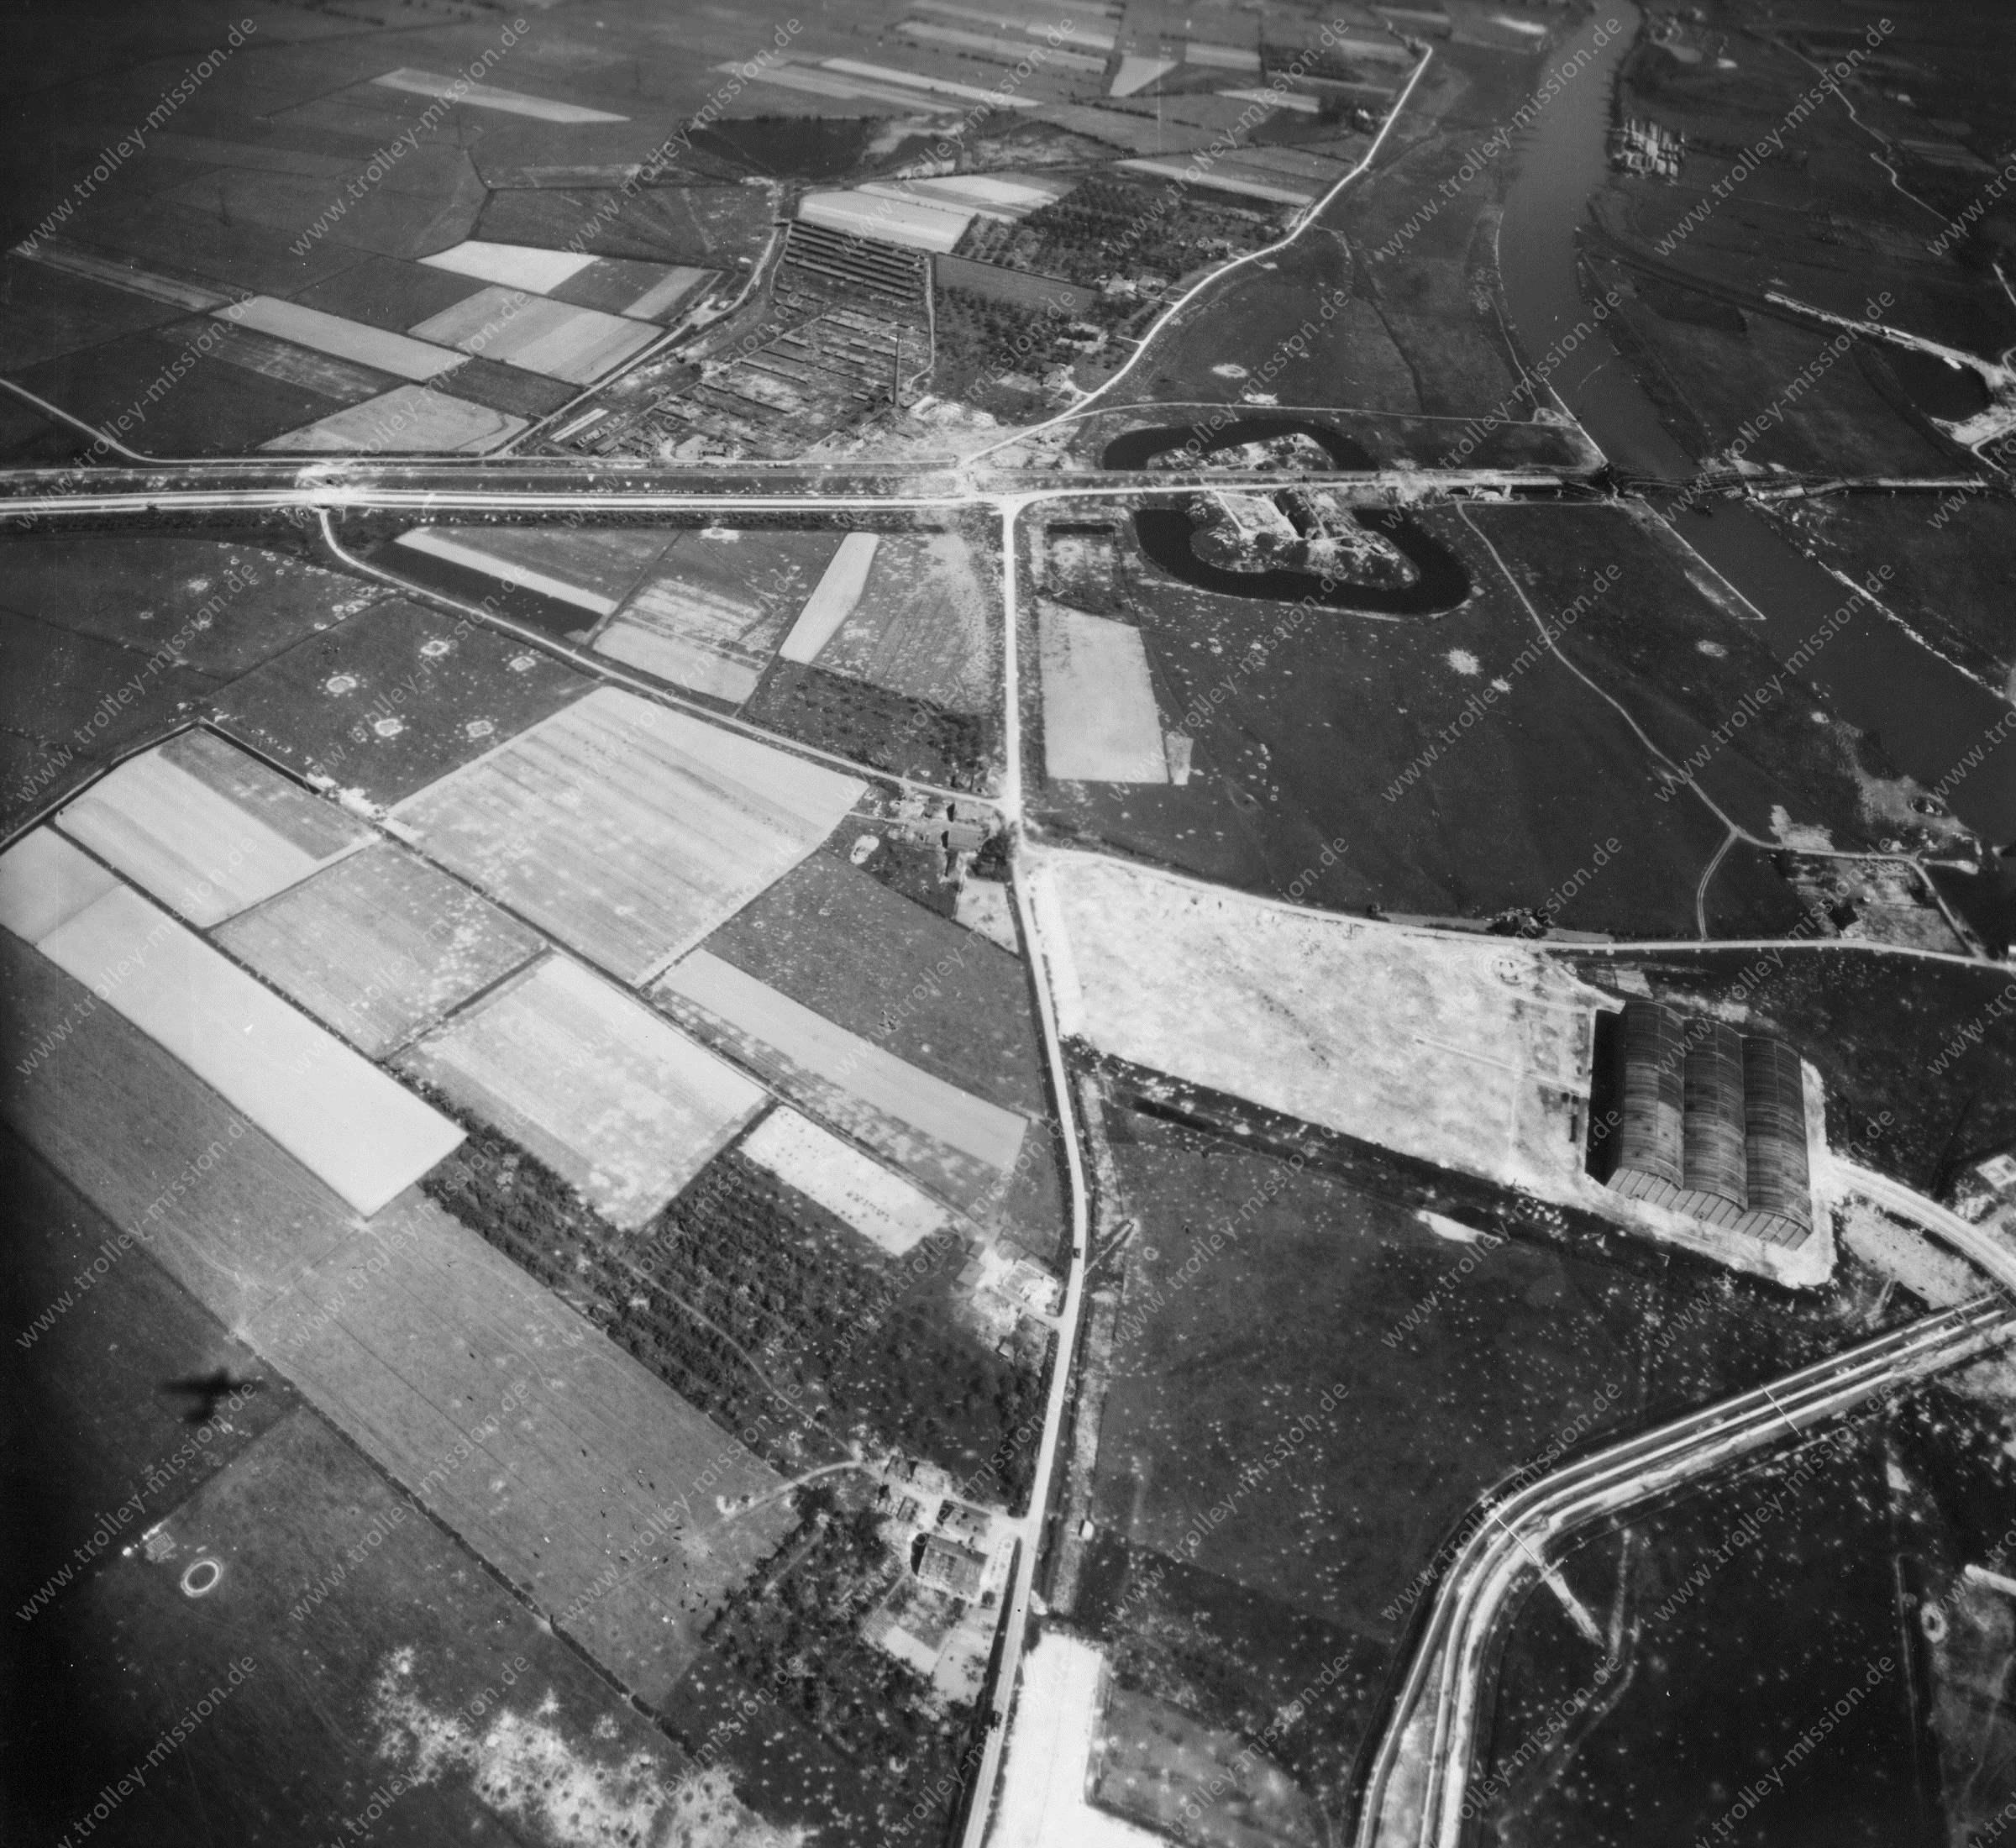 Nieuwe Haven Arnheim - Luftbild Mai 1945 - Luftbildserie 5/5 der US Air Force (Niederlande)